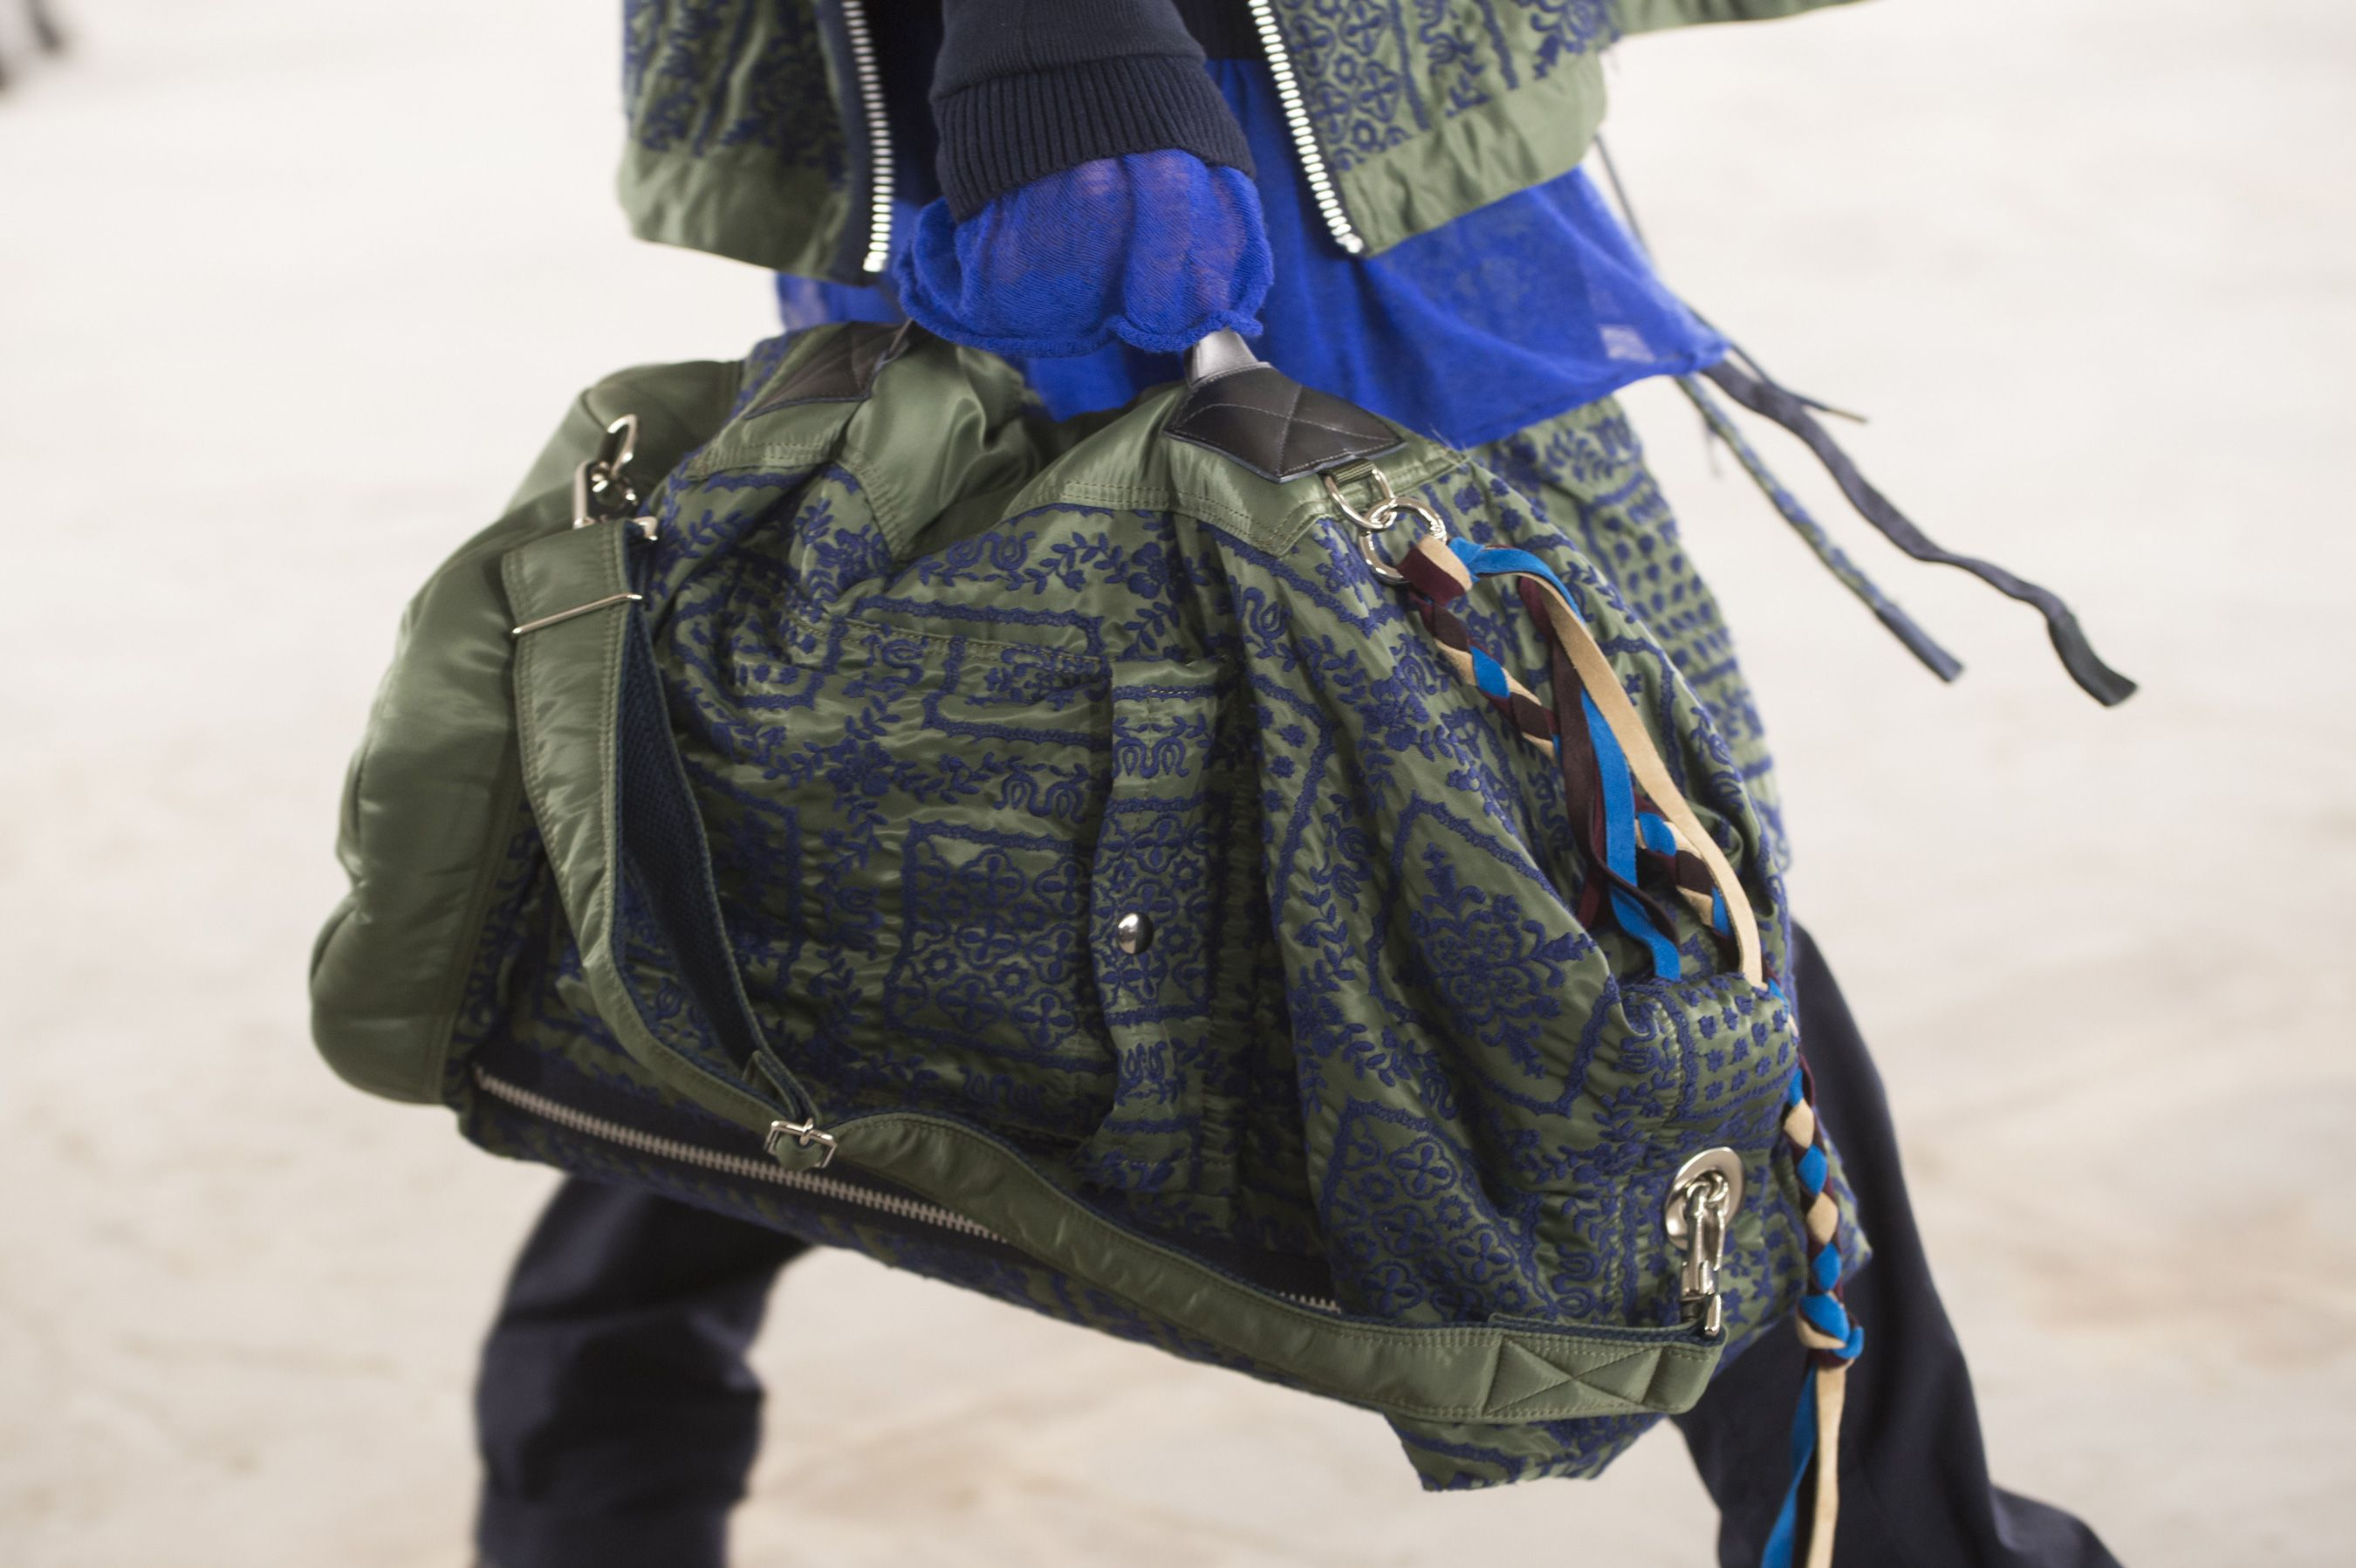 Restyle SET Tasche Dragon Holster Gürtel Steampunk Gothic Nugoth Pocket Belt Bag